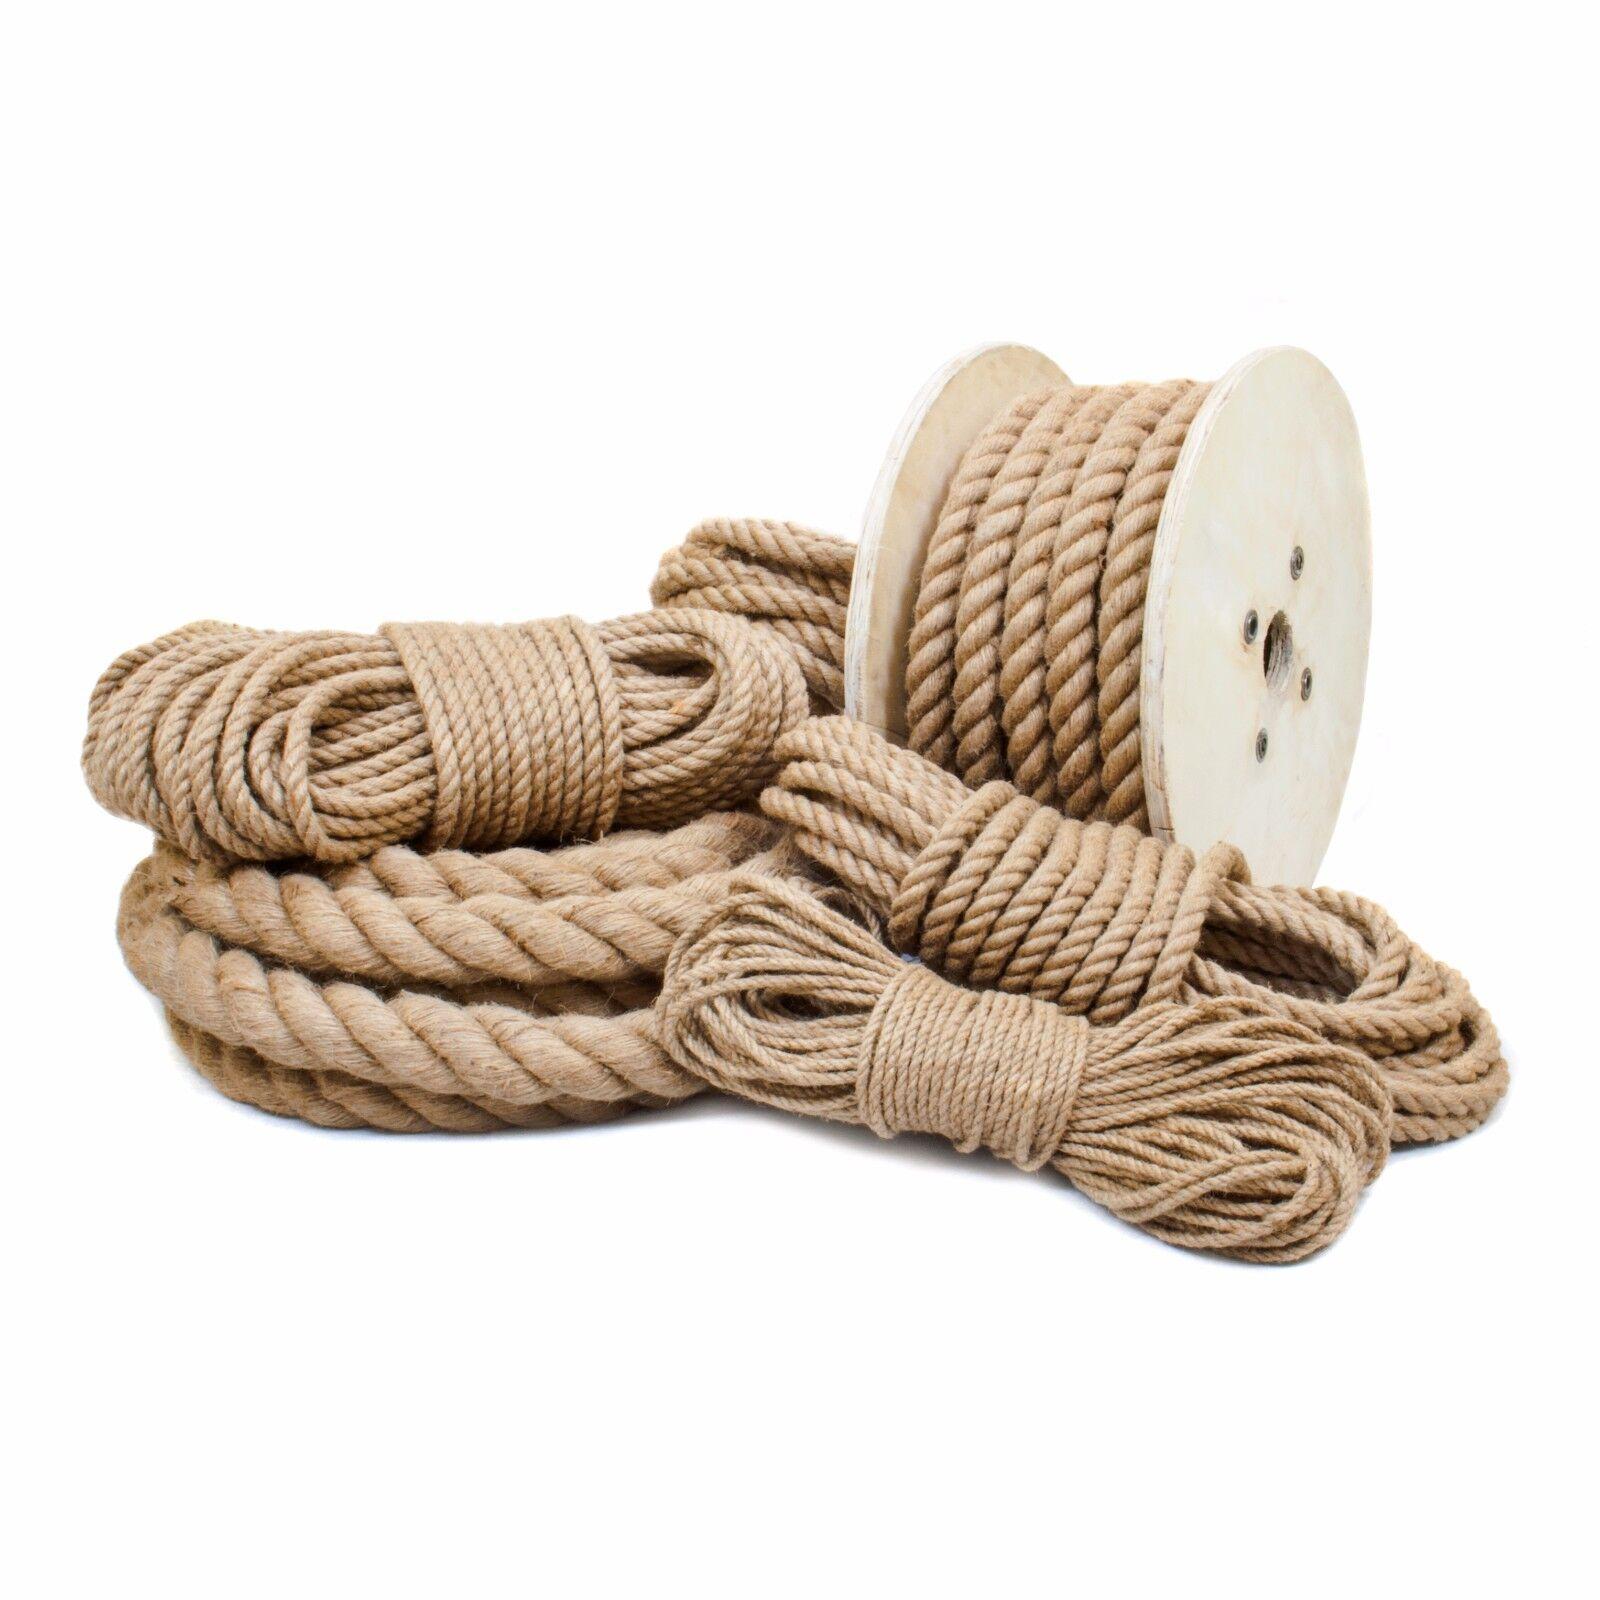 JUTESEIL 20mm Seil Hanfseil Tauwerk Hanf Naturhanf Jute Gedreht Leine Tauziehen